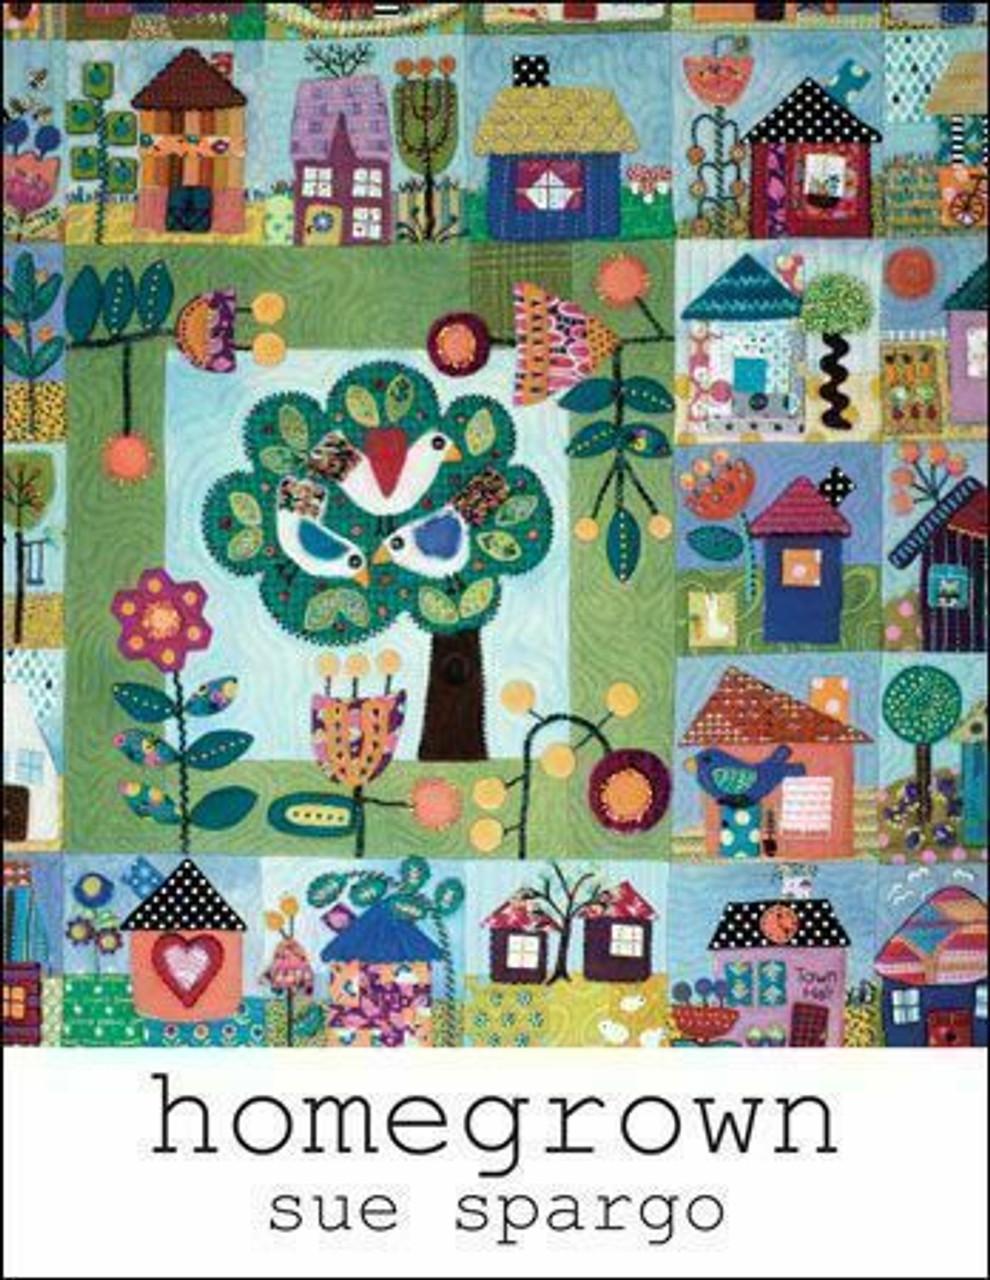 Sue Spargo : Homegrown